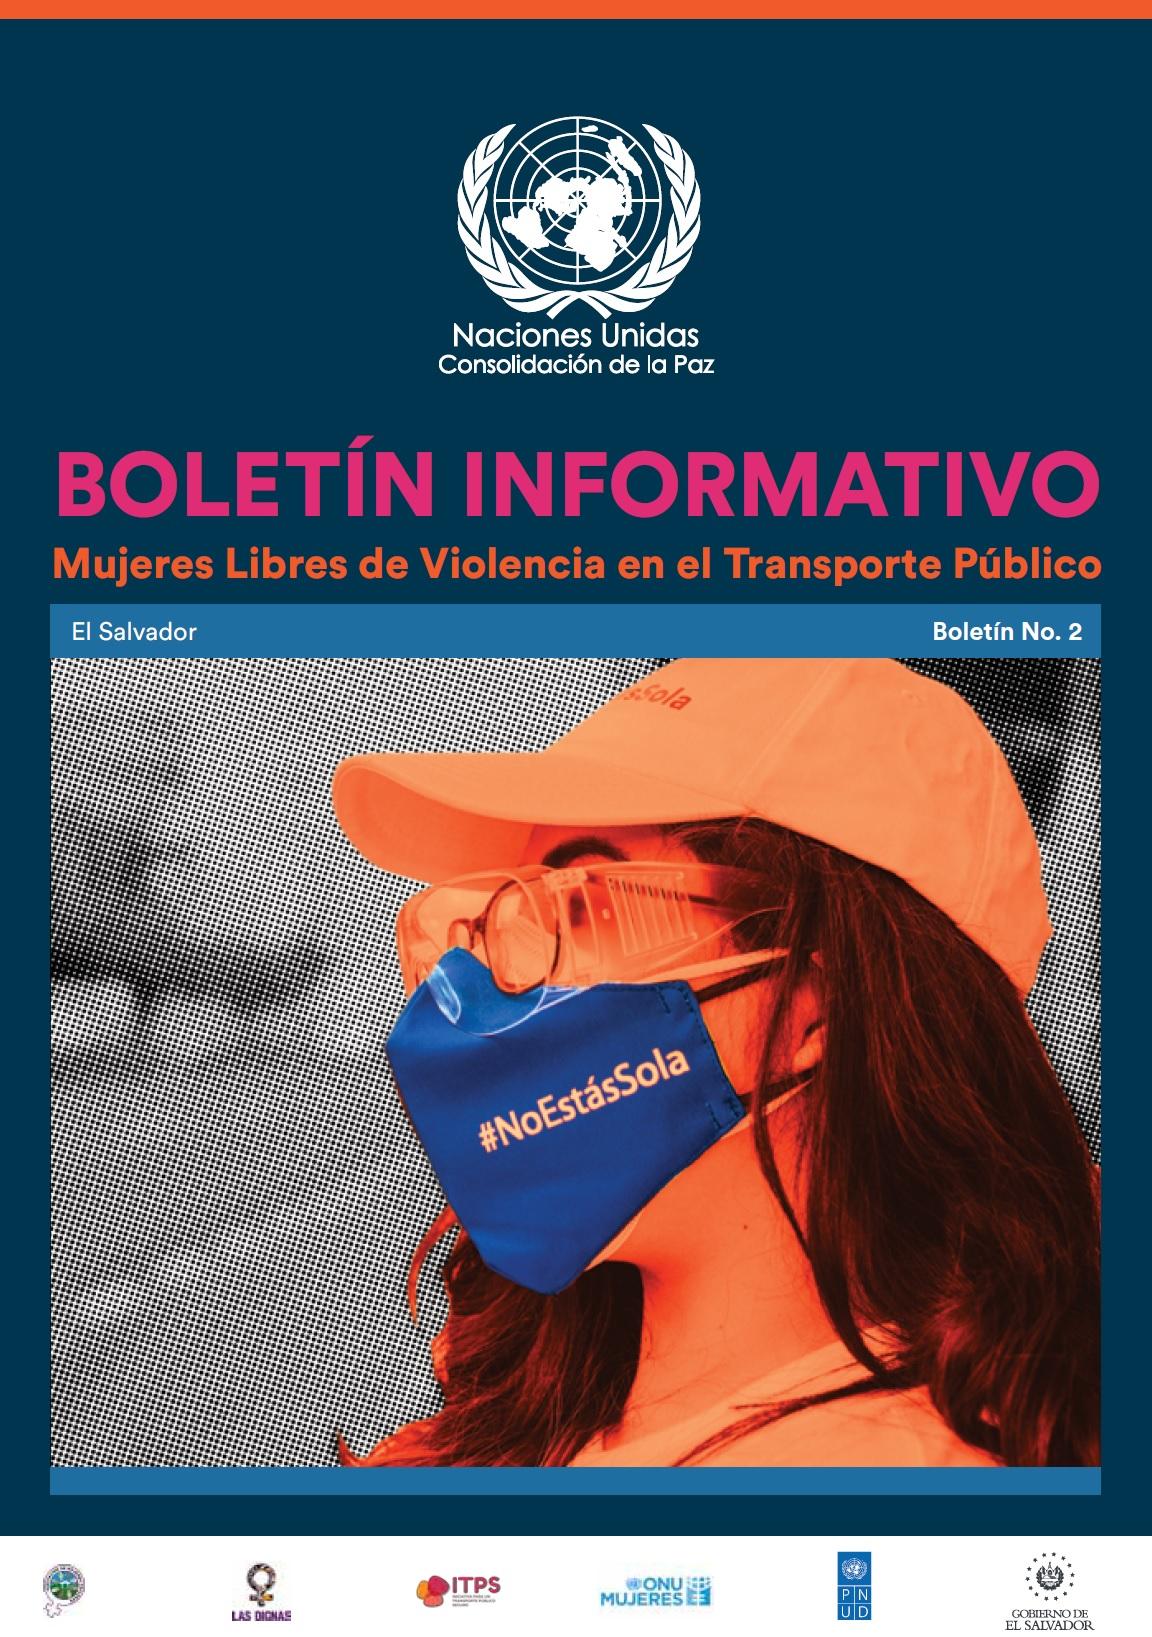 BOLETÍN INFORMATIVO No.2: Mujeres libres de violencia en el transporte público